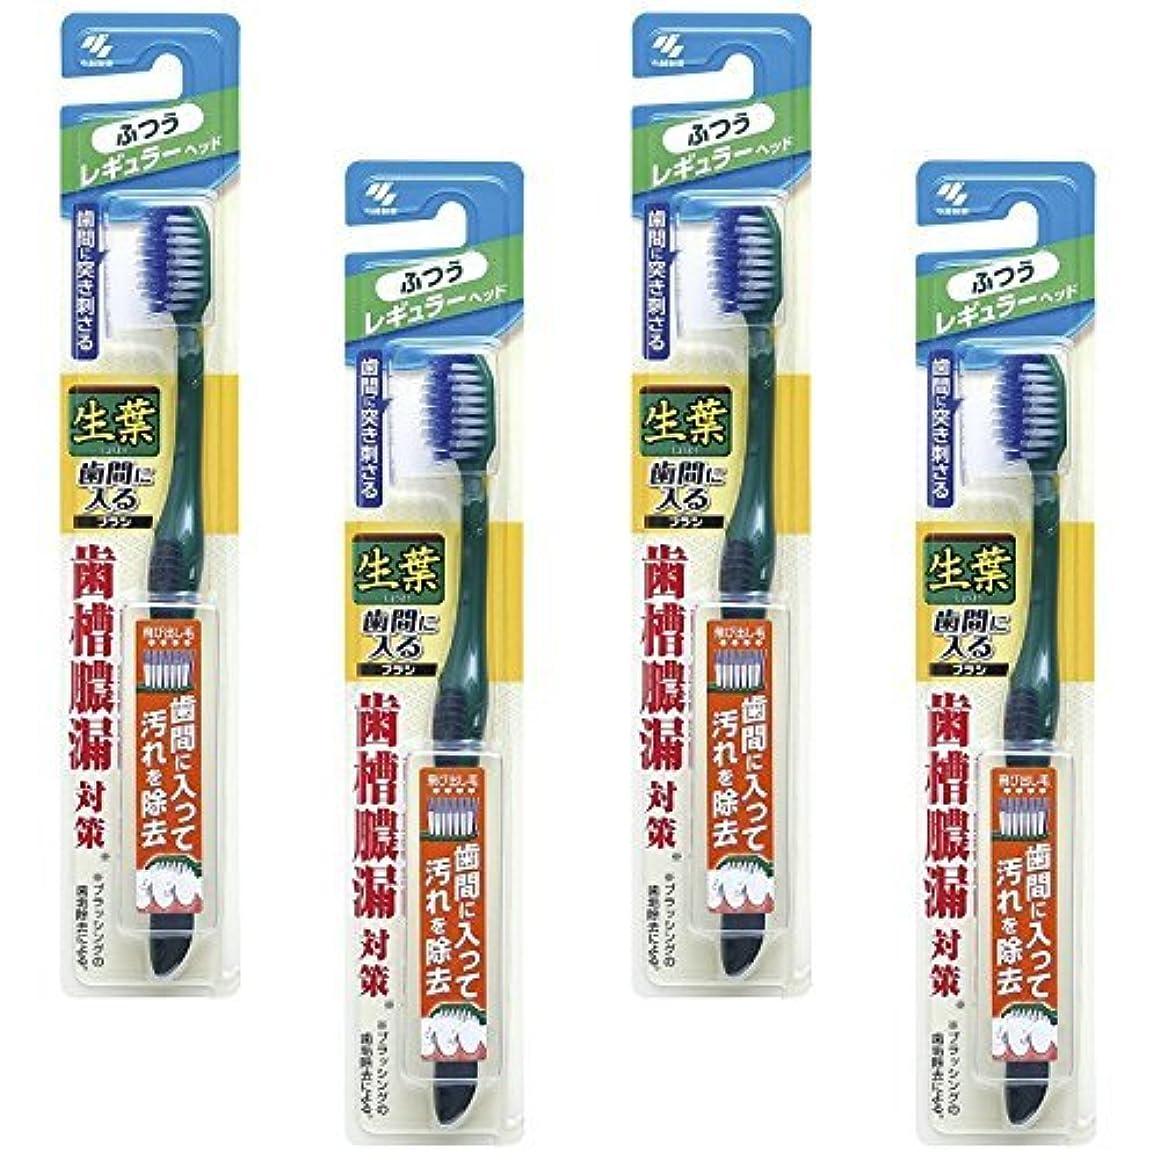 挑む生きているキモい【まとめ買い】生葉(しょうよう)歯間に入るブラシ 歯ブラシ レギュラー ふつう ×4個